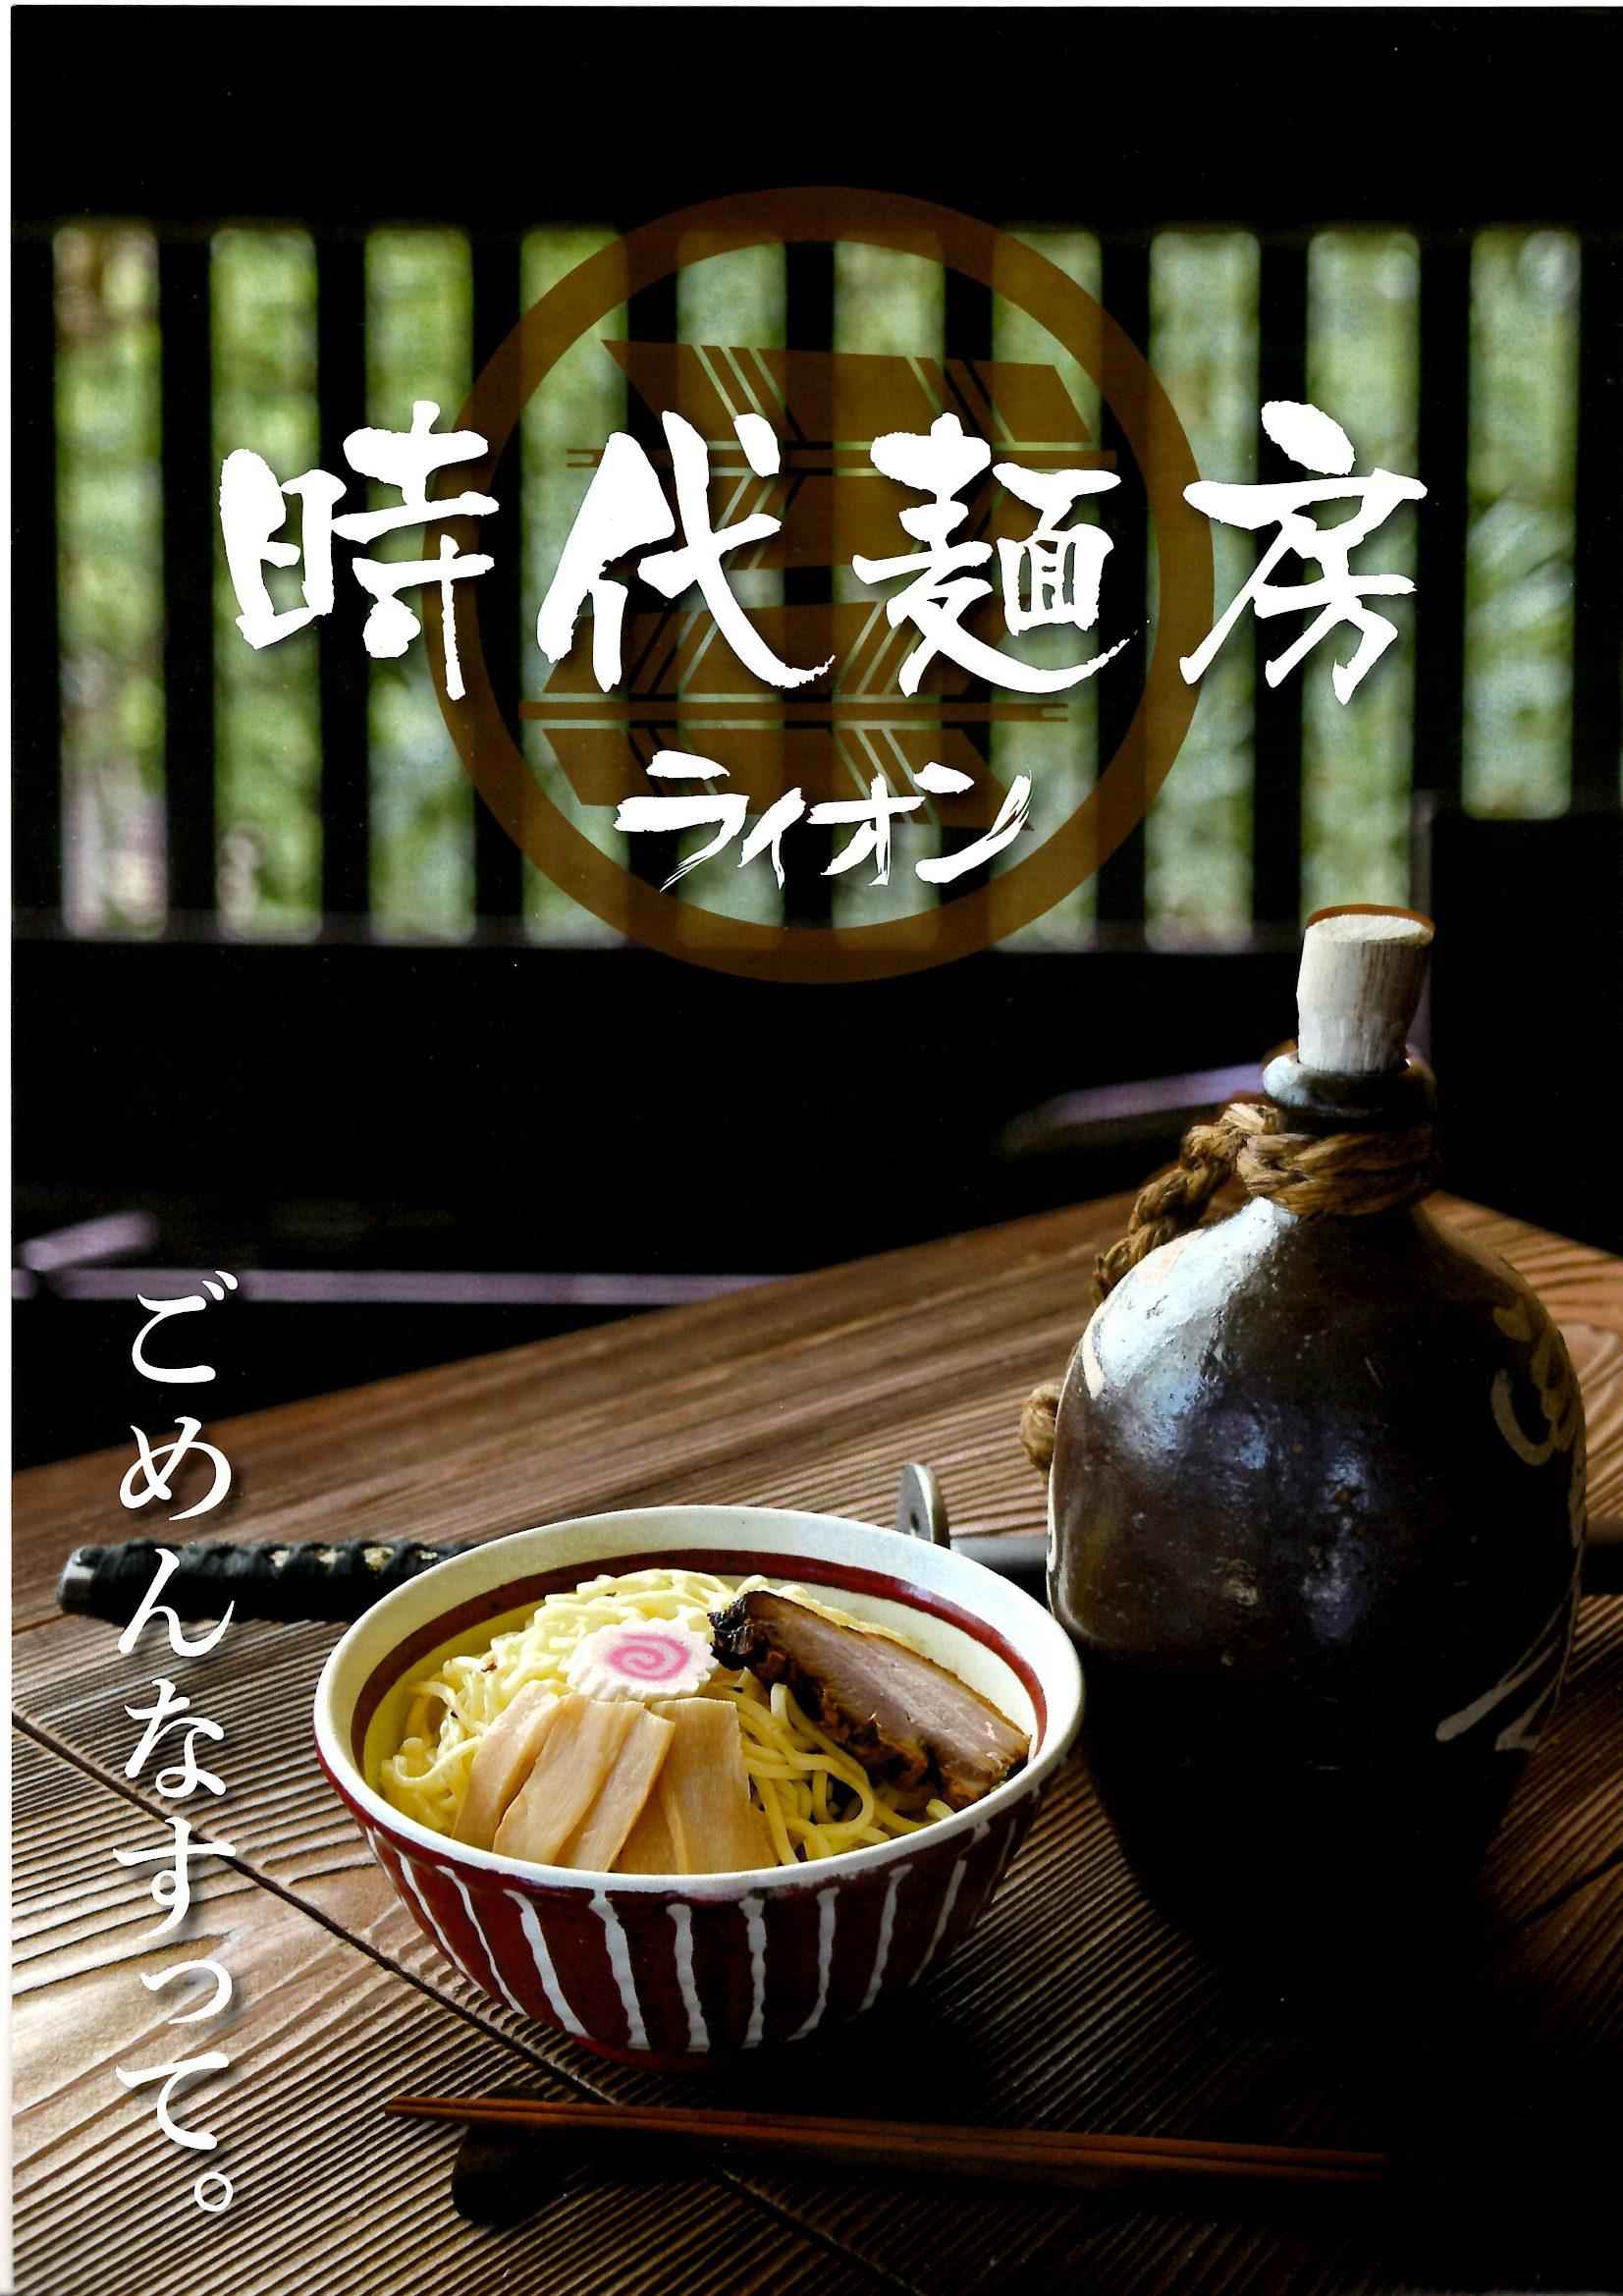 時代麺房 ライオンのポスター